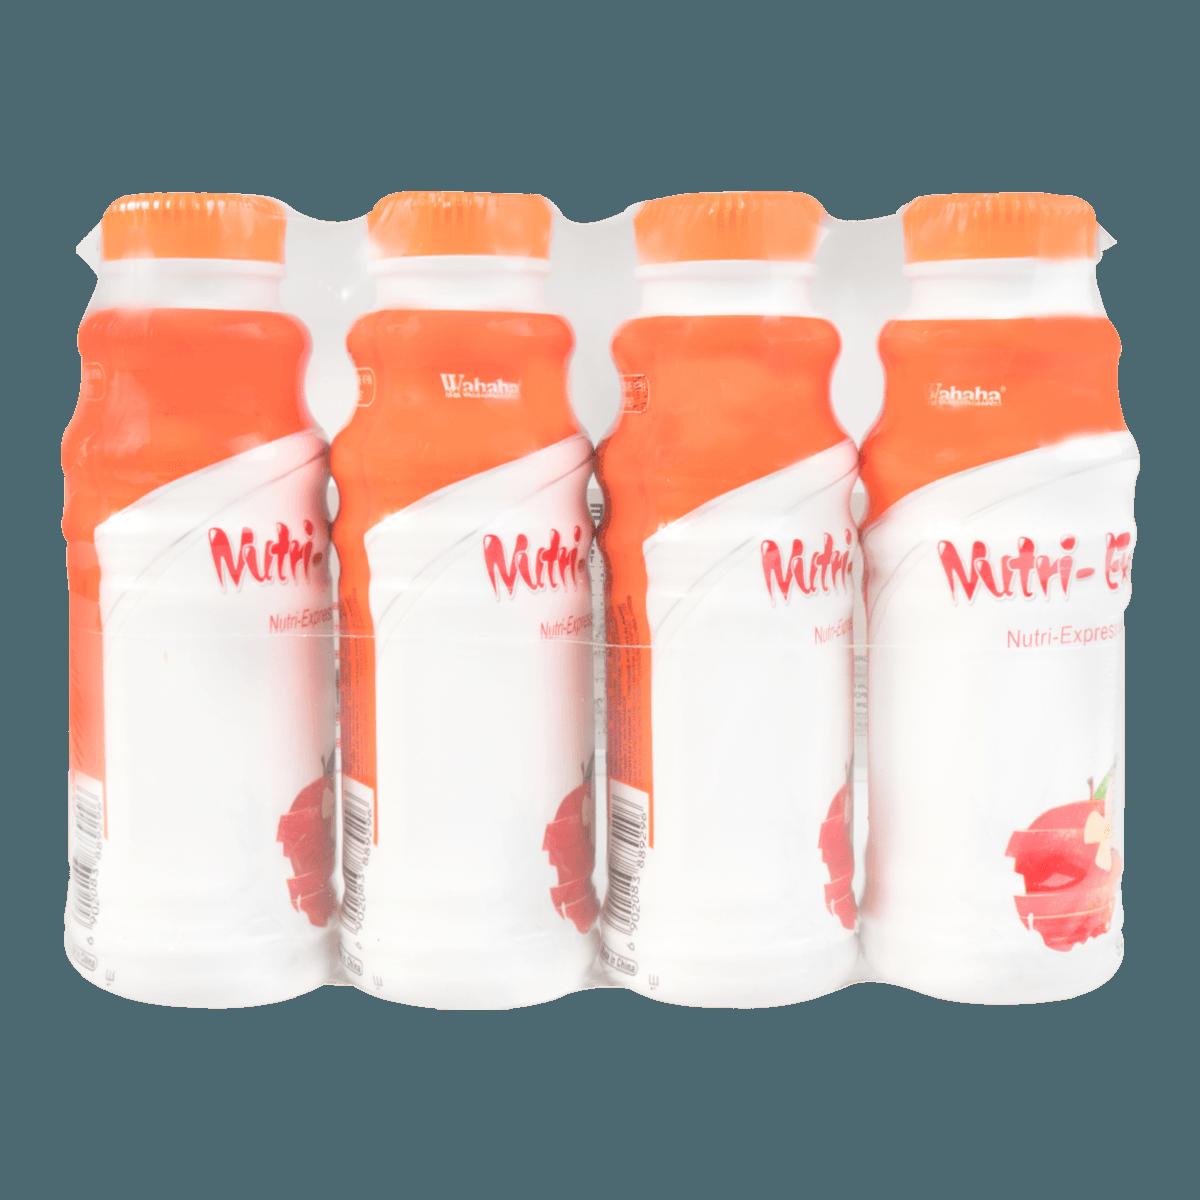 娃哈哈 营养快线 水果牛奶饮品 苹果味 4*280ml